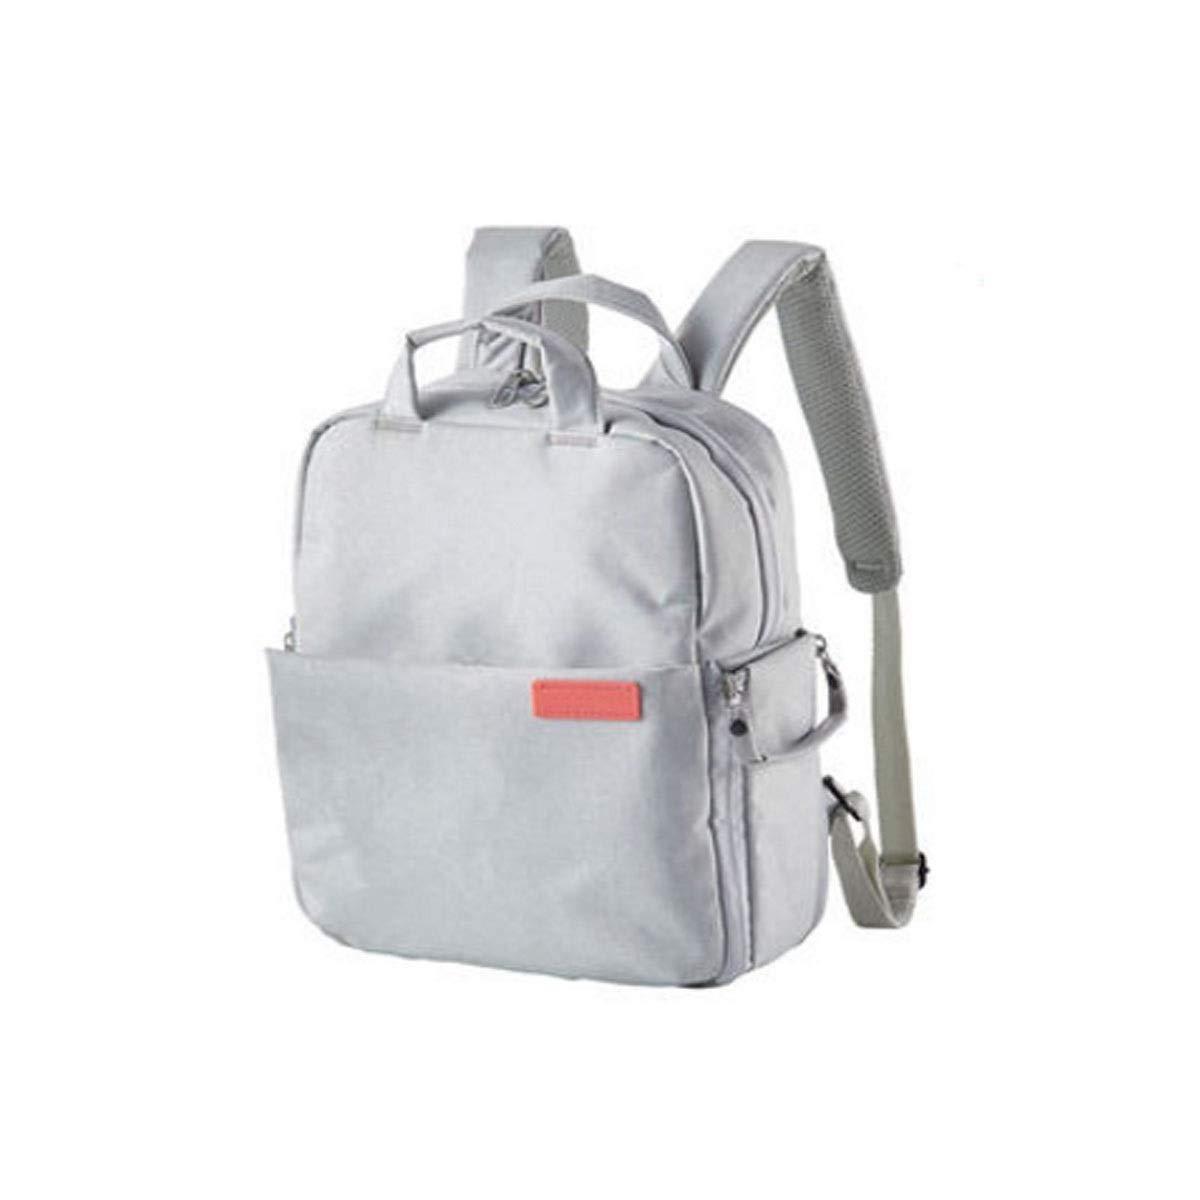 カメラバッグ、ファッションユースバックパック、防水および防湿多目的旅行用、ブラック (Color : Gray 7)   B07R4VW3SB